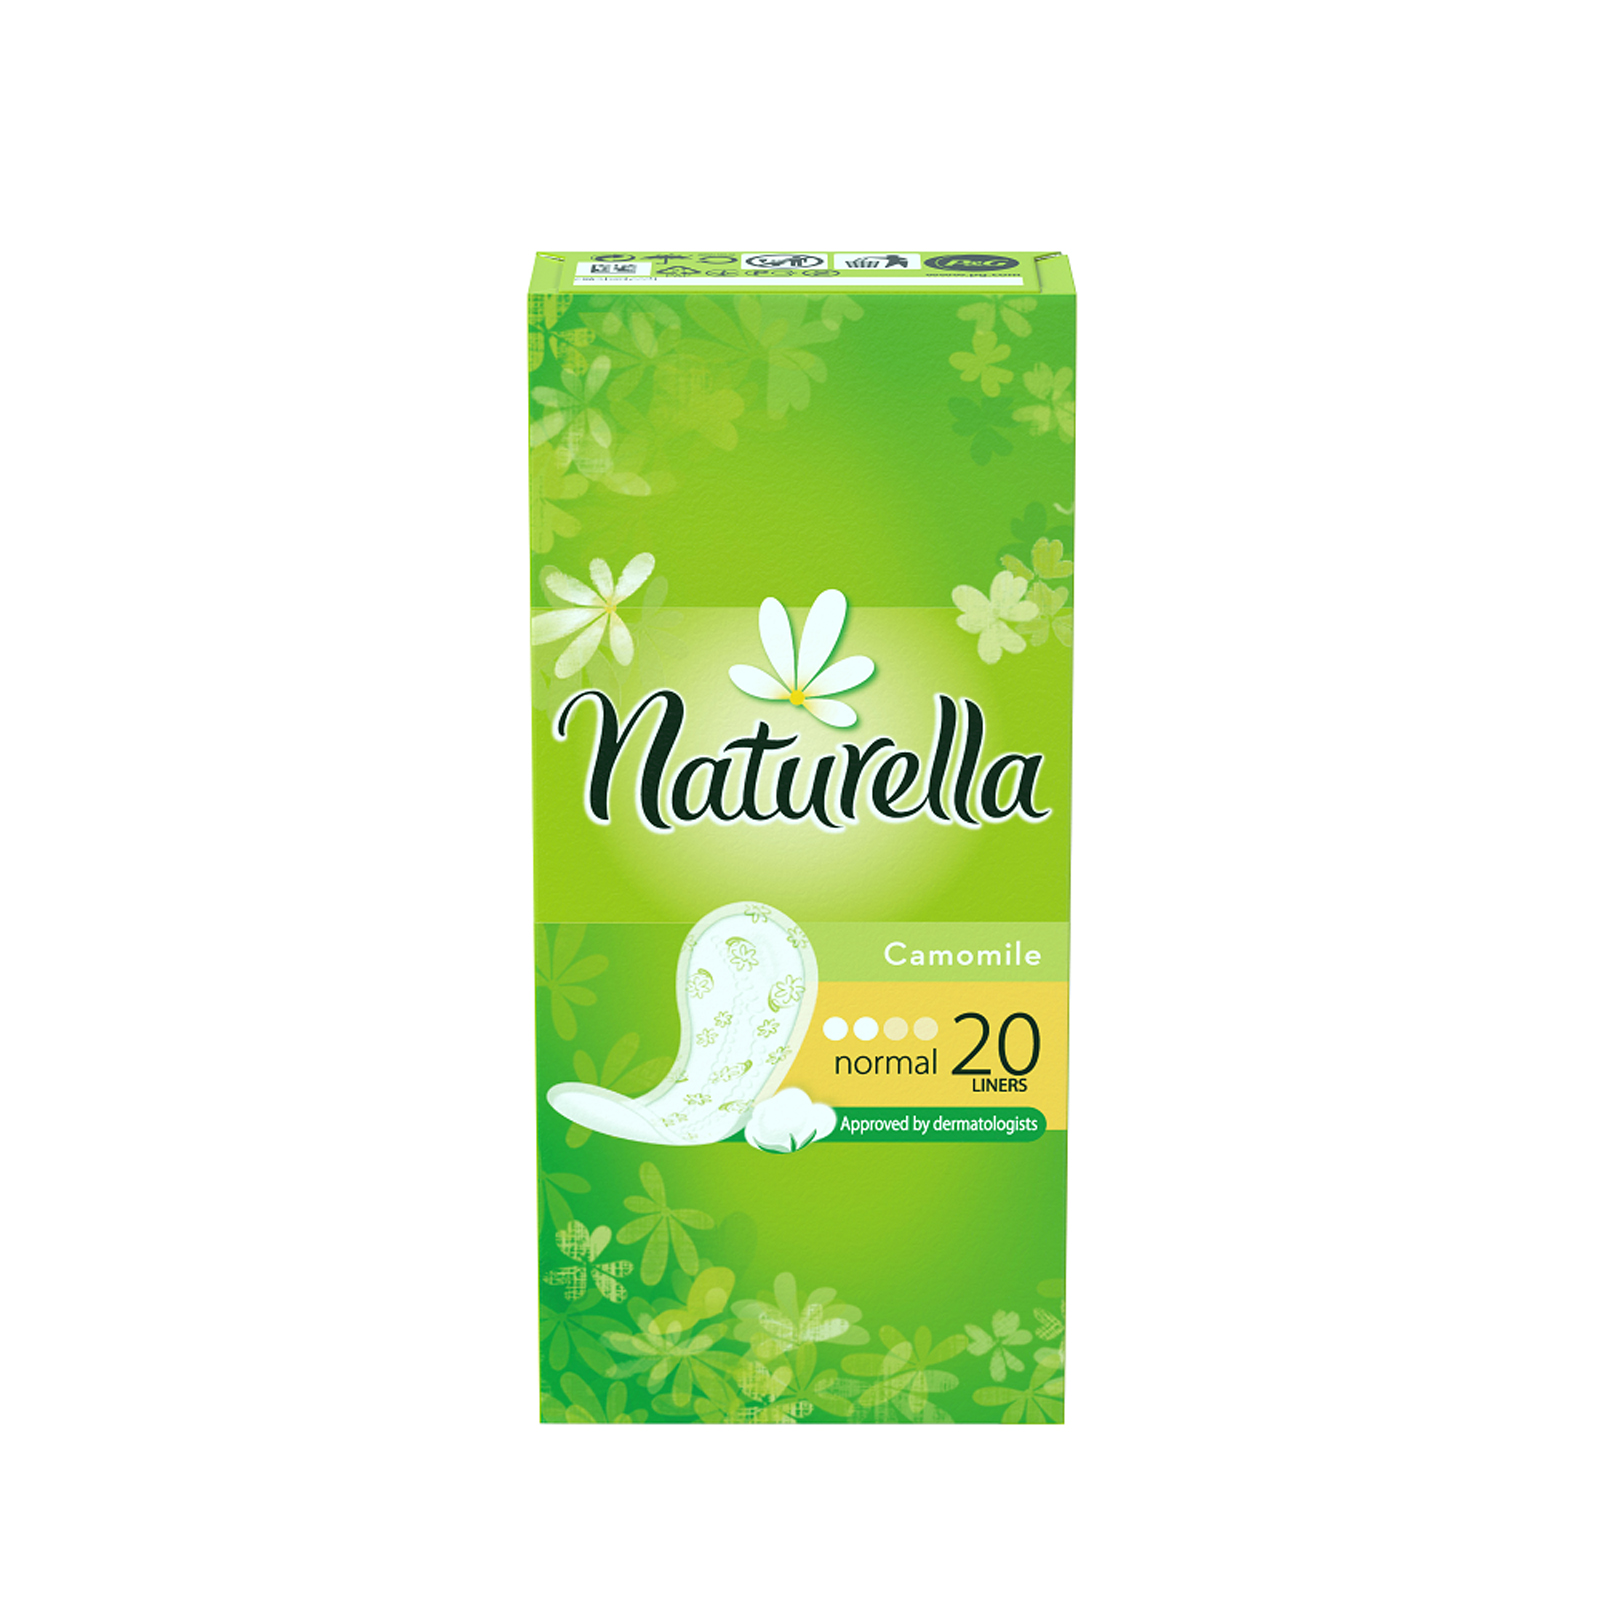 Naturella Женские гигиенические прокладки на каждый день Camomile Normal Single 20штNT-83730610Сохрани свежесть в течение всего дня с ежедневными прокладками Naturella Normal. Эти воздухопроницаемые ежедневные прокладки толщиной 0,9 мм с мягким, как лепесток, верхним слоем и легким ароматом, вдохновленным самой природой, обеспечивают свежесть и комфорт каждый день.Одобренные дерматологическим институтом proDERM ежедневные прокладки Naturella каждый день обеспечивают заботу о женской гигиене, которой можно доверять. Одобренные дерматологическим институтом proDERM ежедневные прокладки Naturella каждый день обеспечивают заботу о женской гигиене, которой можно доверять. Ежедневные прокладки Naturella отлично защищают нижнее белье при выделениях из влагалища, нерегулярном цикле и выделениях перед менструацией.Во время менструации обязательно воспользуйтесь прокладками Naturella для усиленной защиты. Супермягкий верхний слой обеспечивает дополнительный комфорт в интимной зоне Воздухопроницаемые и тонкие как лепесток (0,9 мм) Дышащий верхний слой и легкий аромат ромашки для ежедневной свежести Одобрено дерматологами всемирно известного немецкого института proDERM и гарантируют женщинам надежную защиту, которой можно доверять